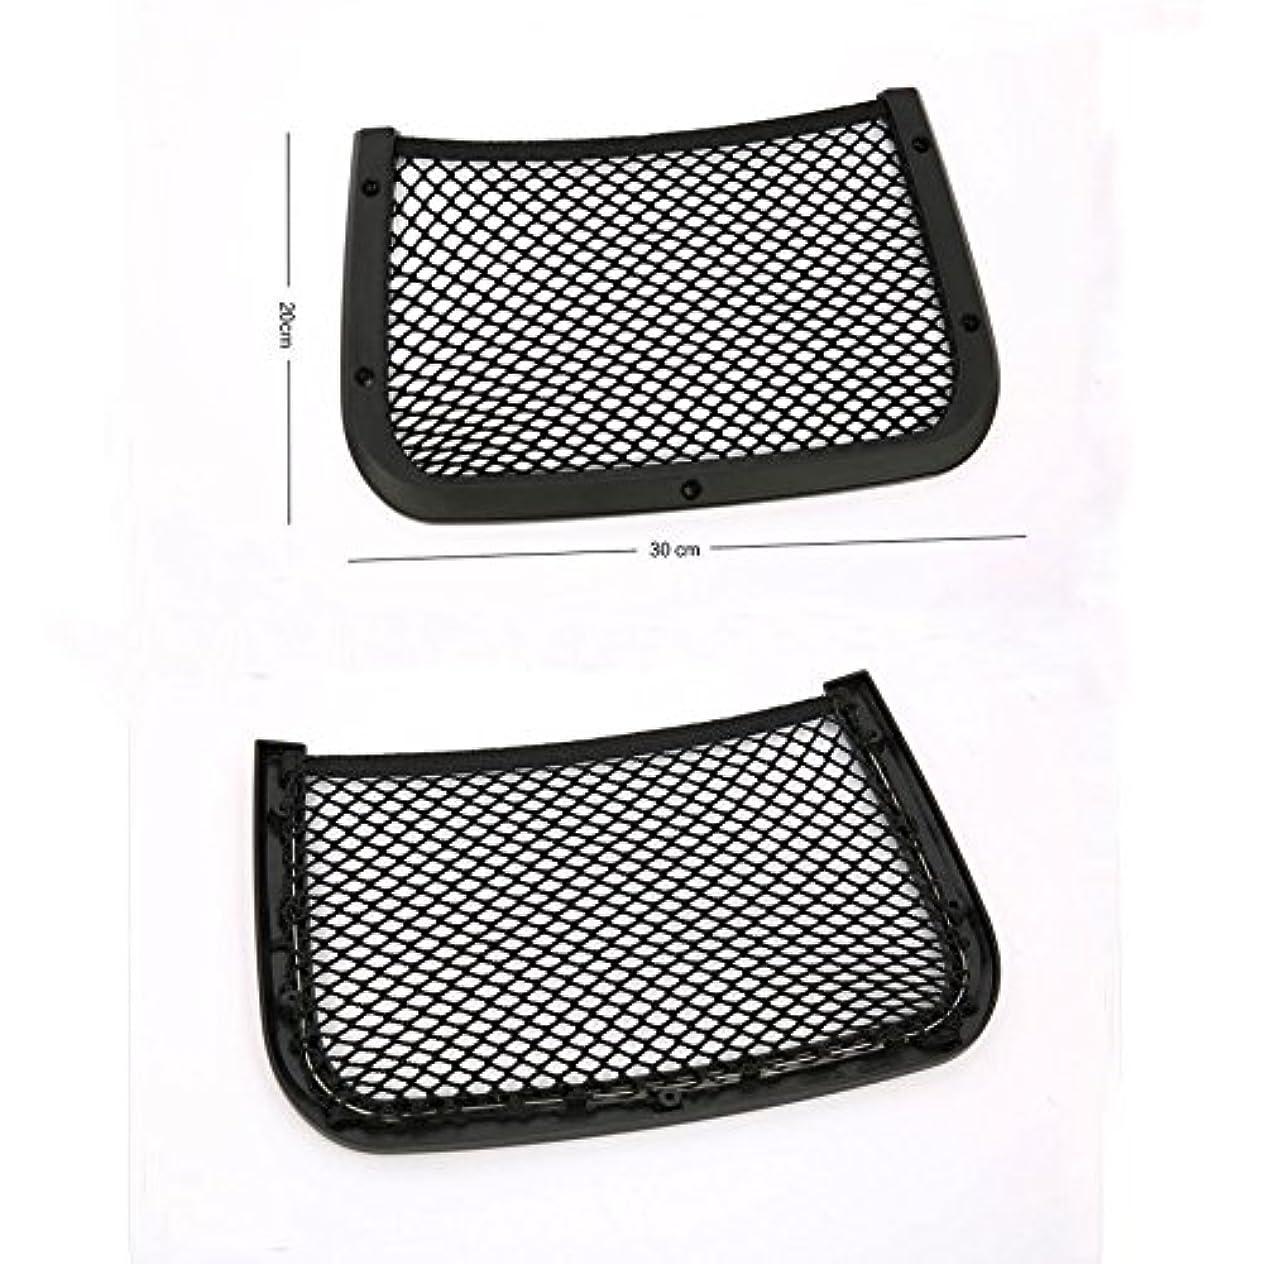 ベンチメロンシンプトンJicorzo - 1pc Car Seat Back Bag Storage Luggage Organizer Holder Mesh Cargo Pouch For Jeep compass Audi A4L X1 X3 Benz B series [Black]